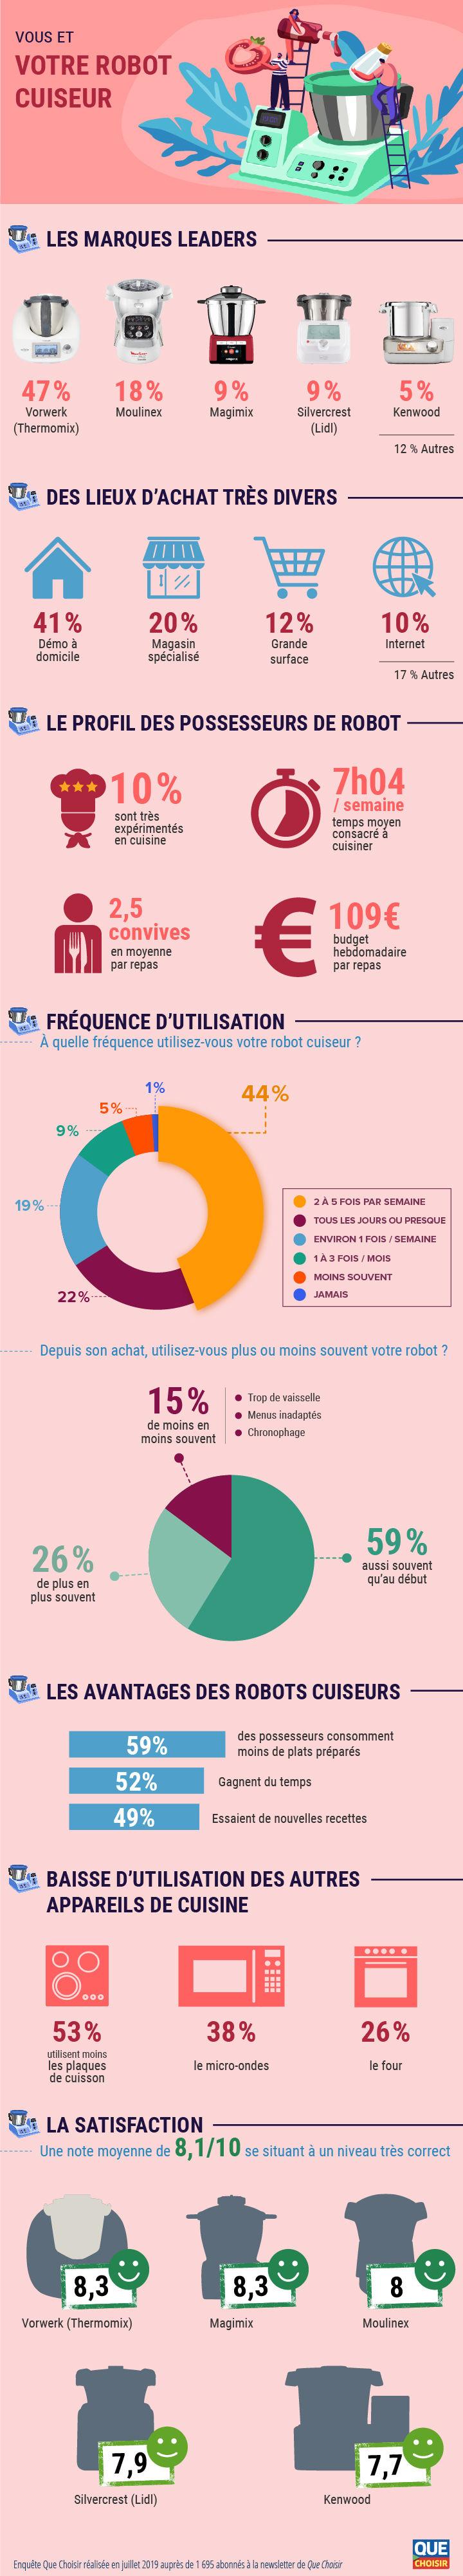 infographie vous et les robots cuiseurs